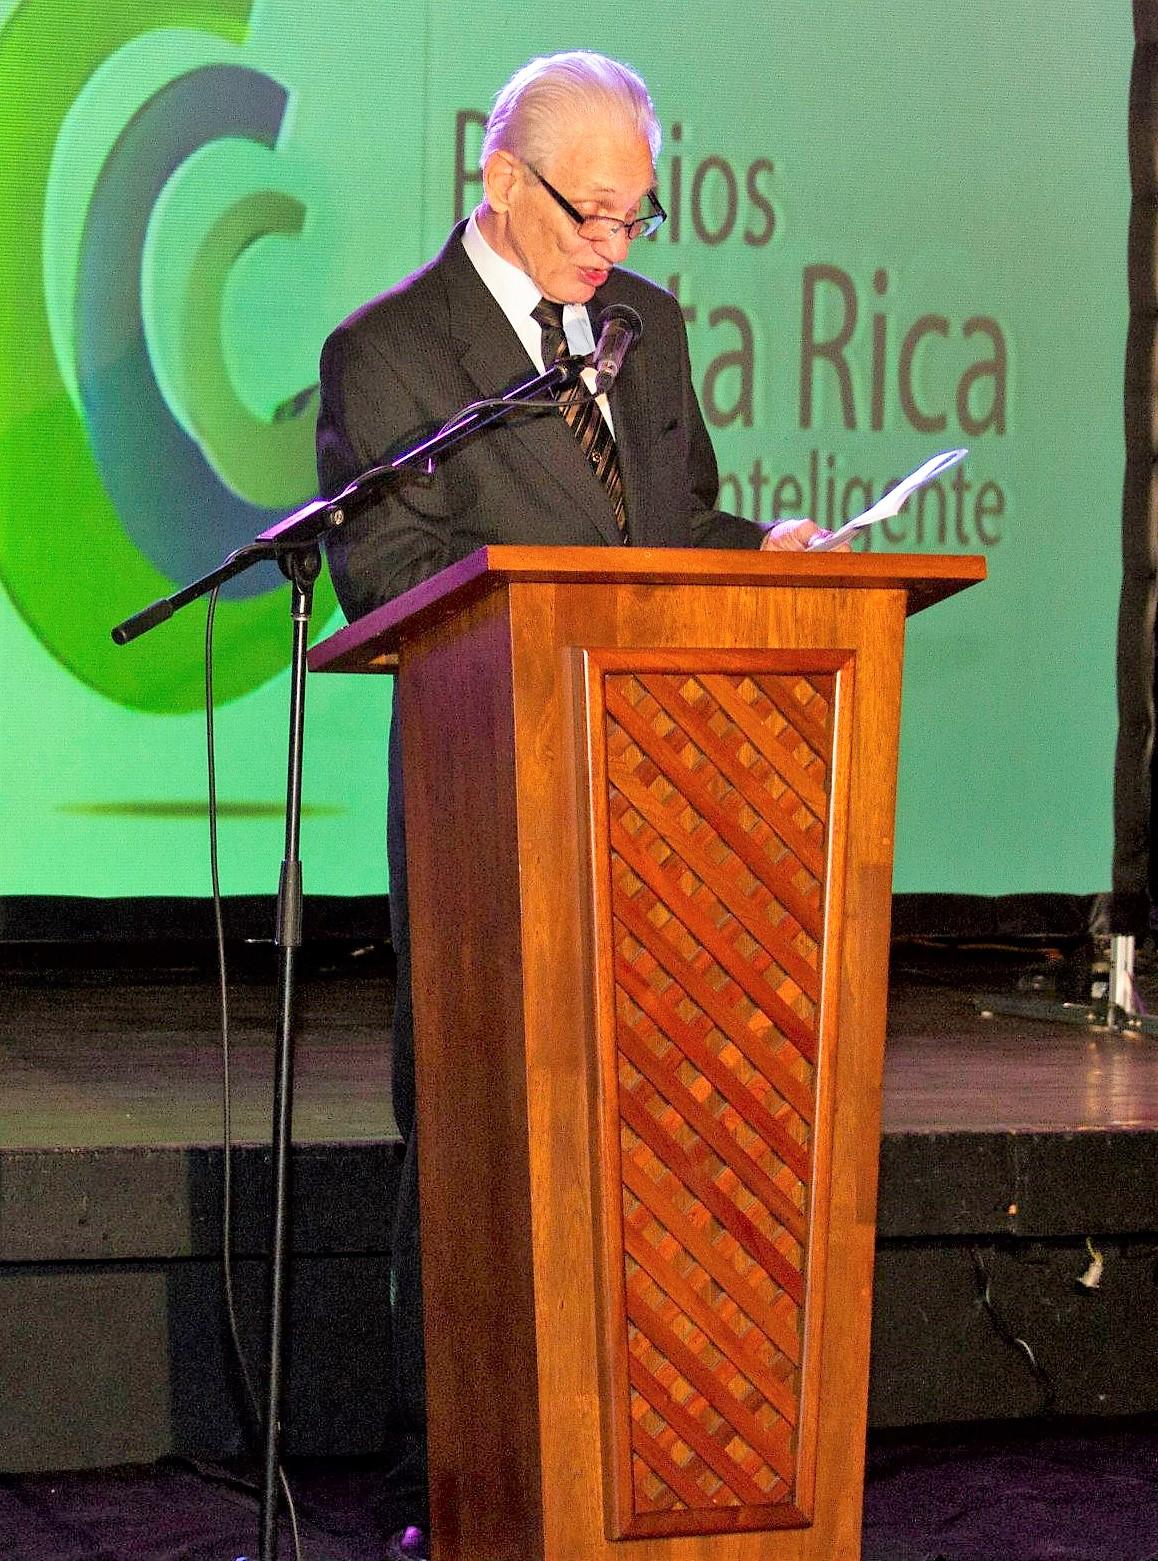 CAMTIC le rindió homenaje a Richard Beck en la entrega de los Premios Costa Rica Verde e Inteligente del 2013 por su trayectoria.